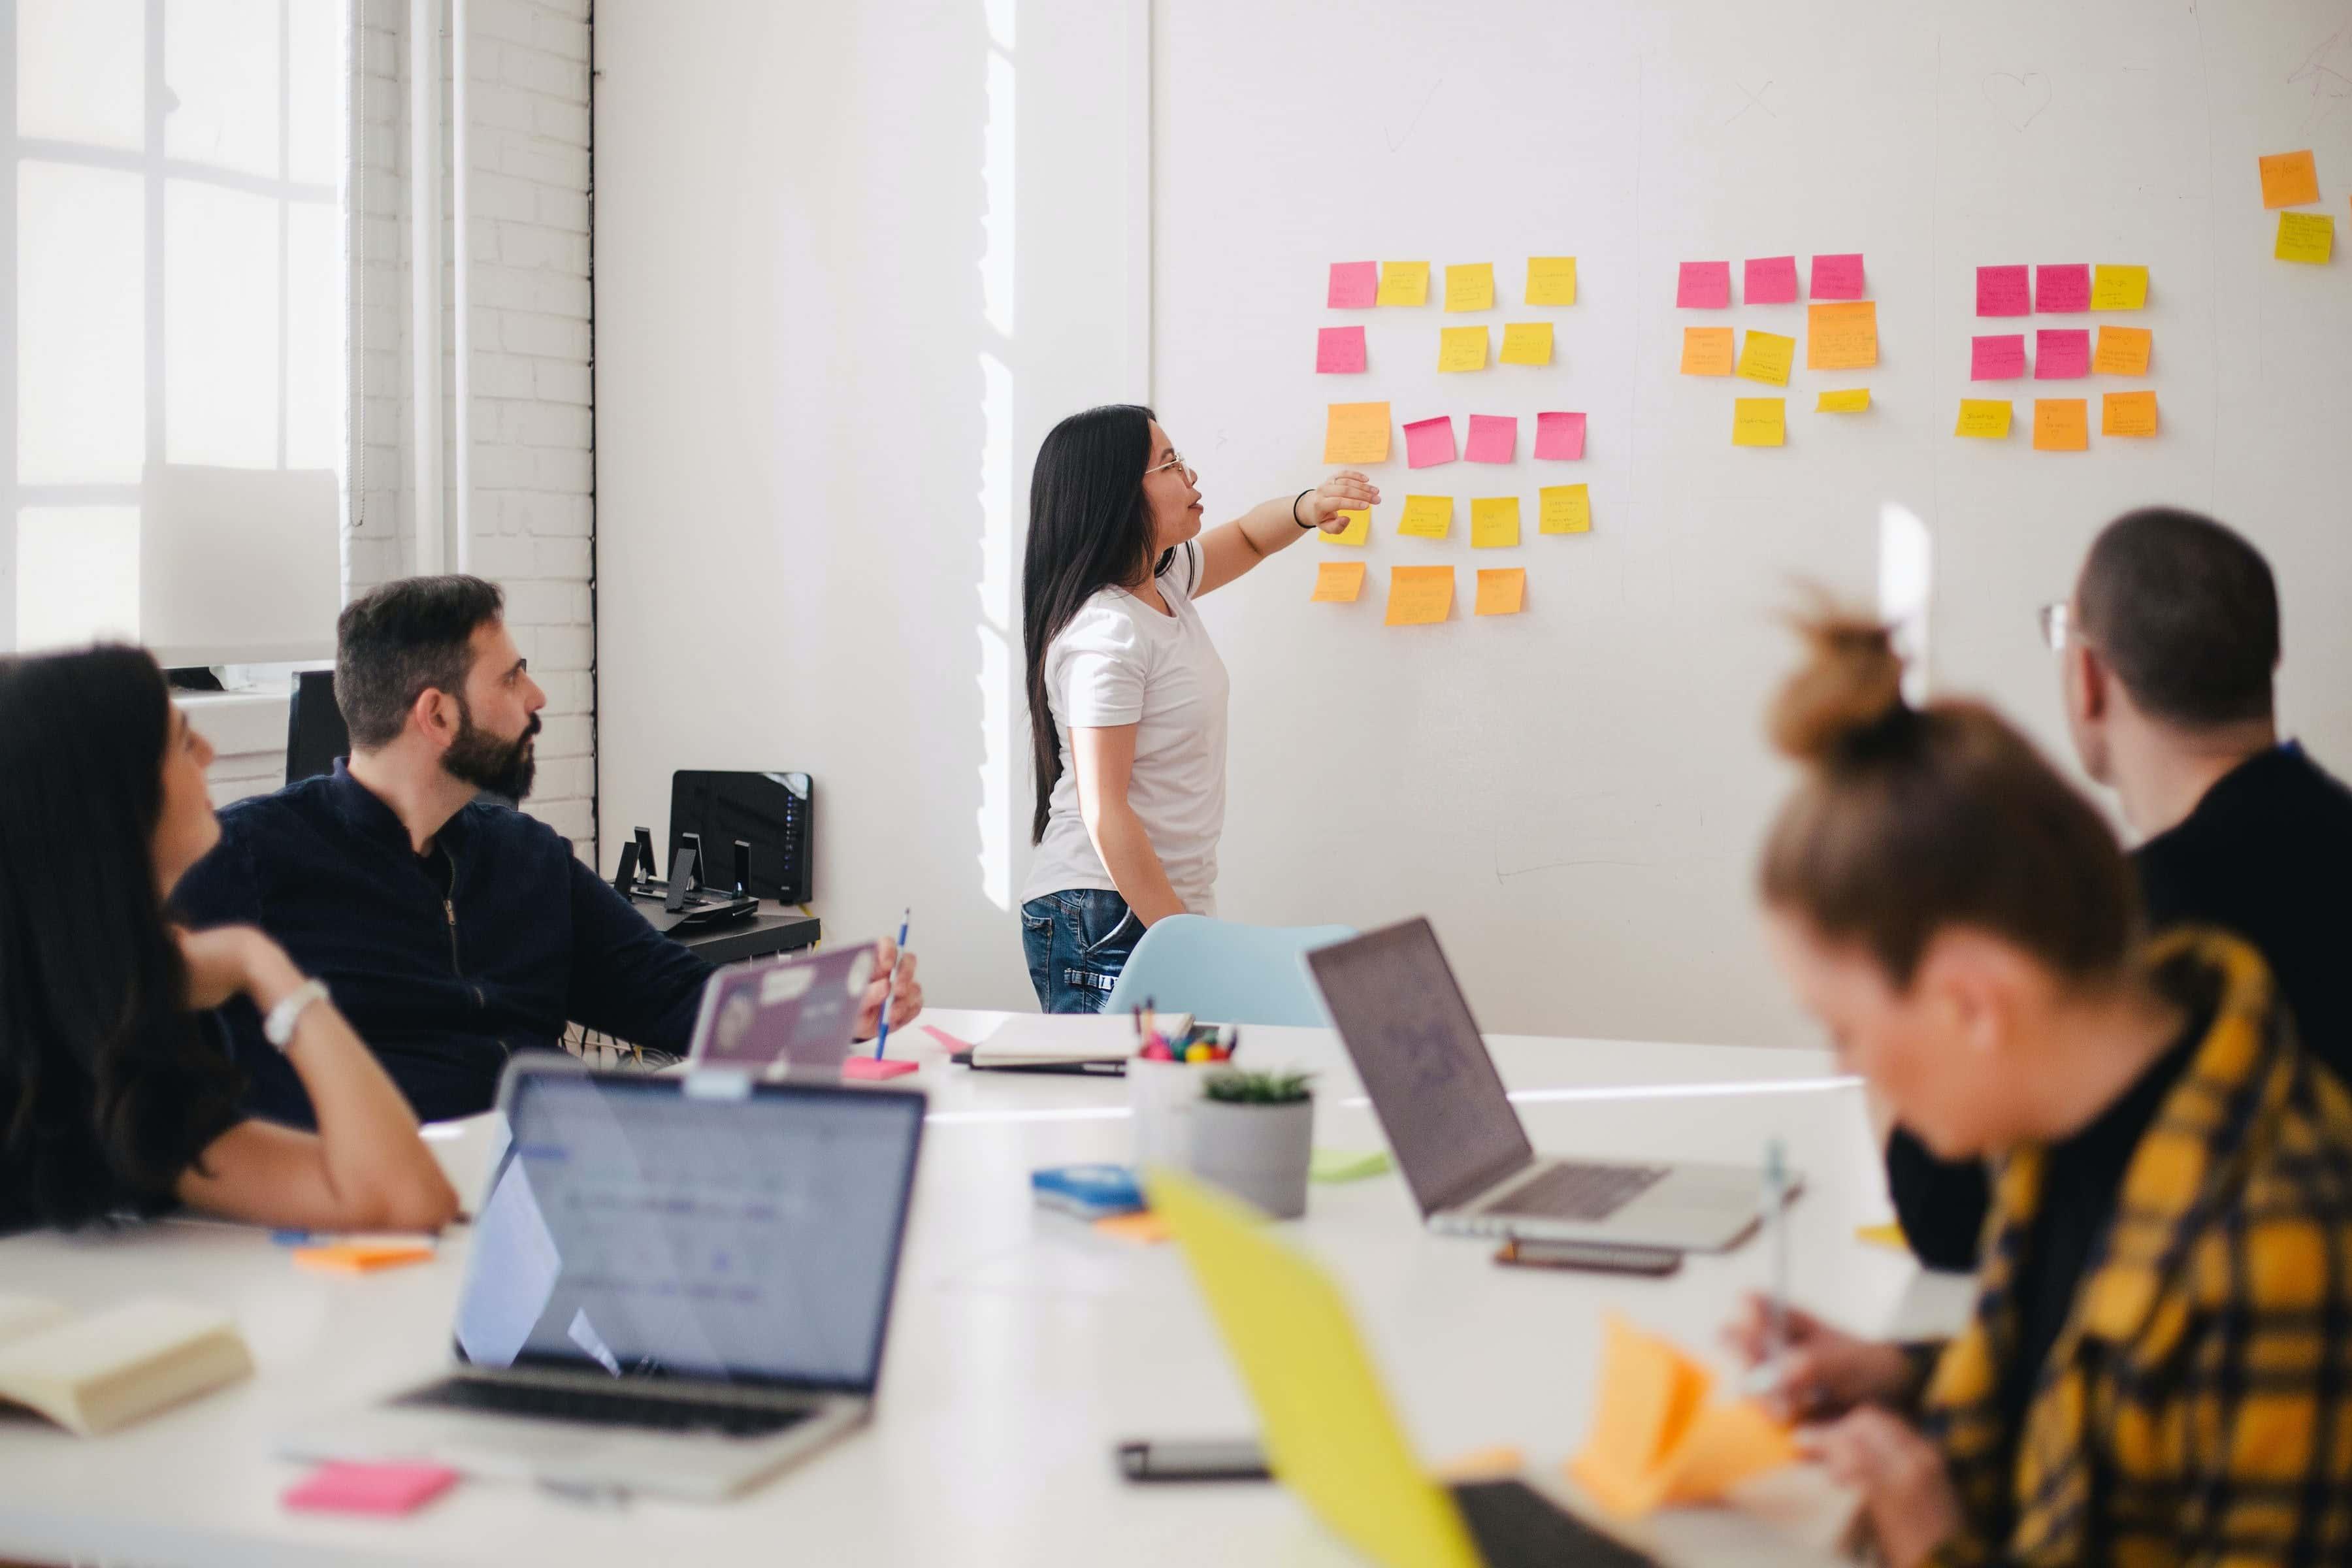 Ścieżka 6. Podstawy zarządzania biznesem, metodyki zarządzania, zarządzanie zasobami ludzkimi